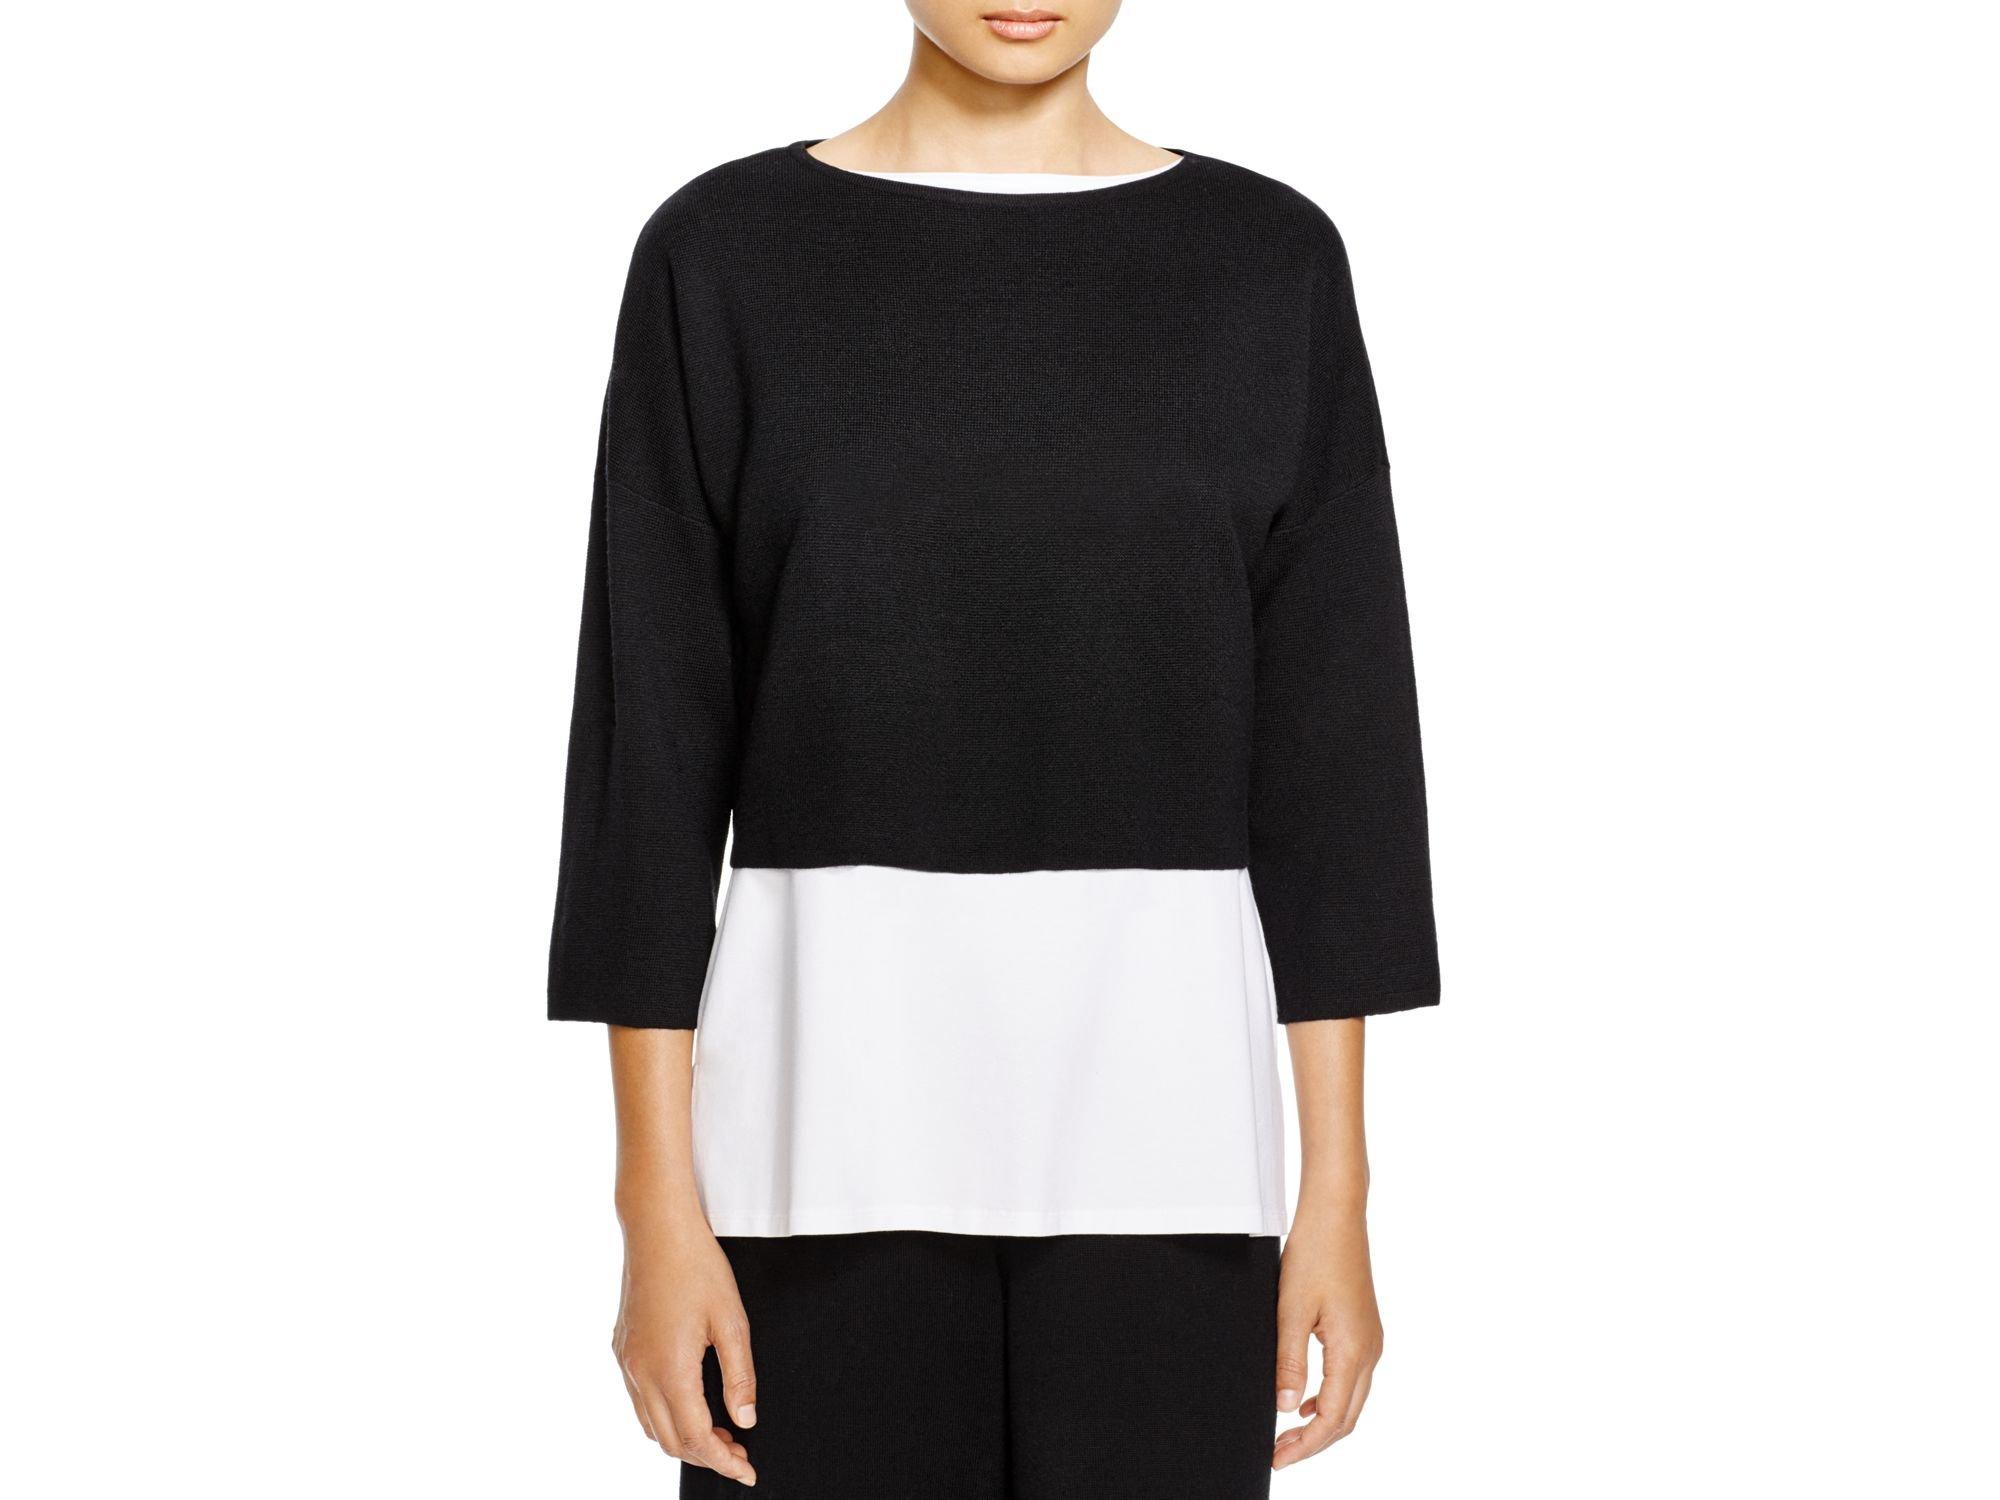 Eileen fisher Merino Wool Cropped Sweater in Black | Lyst